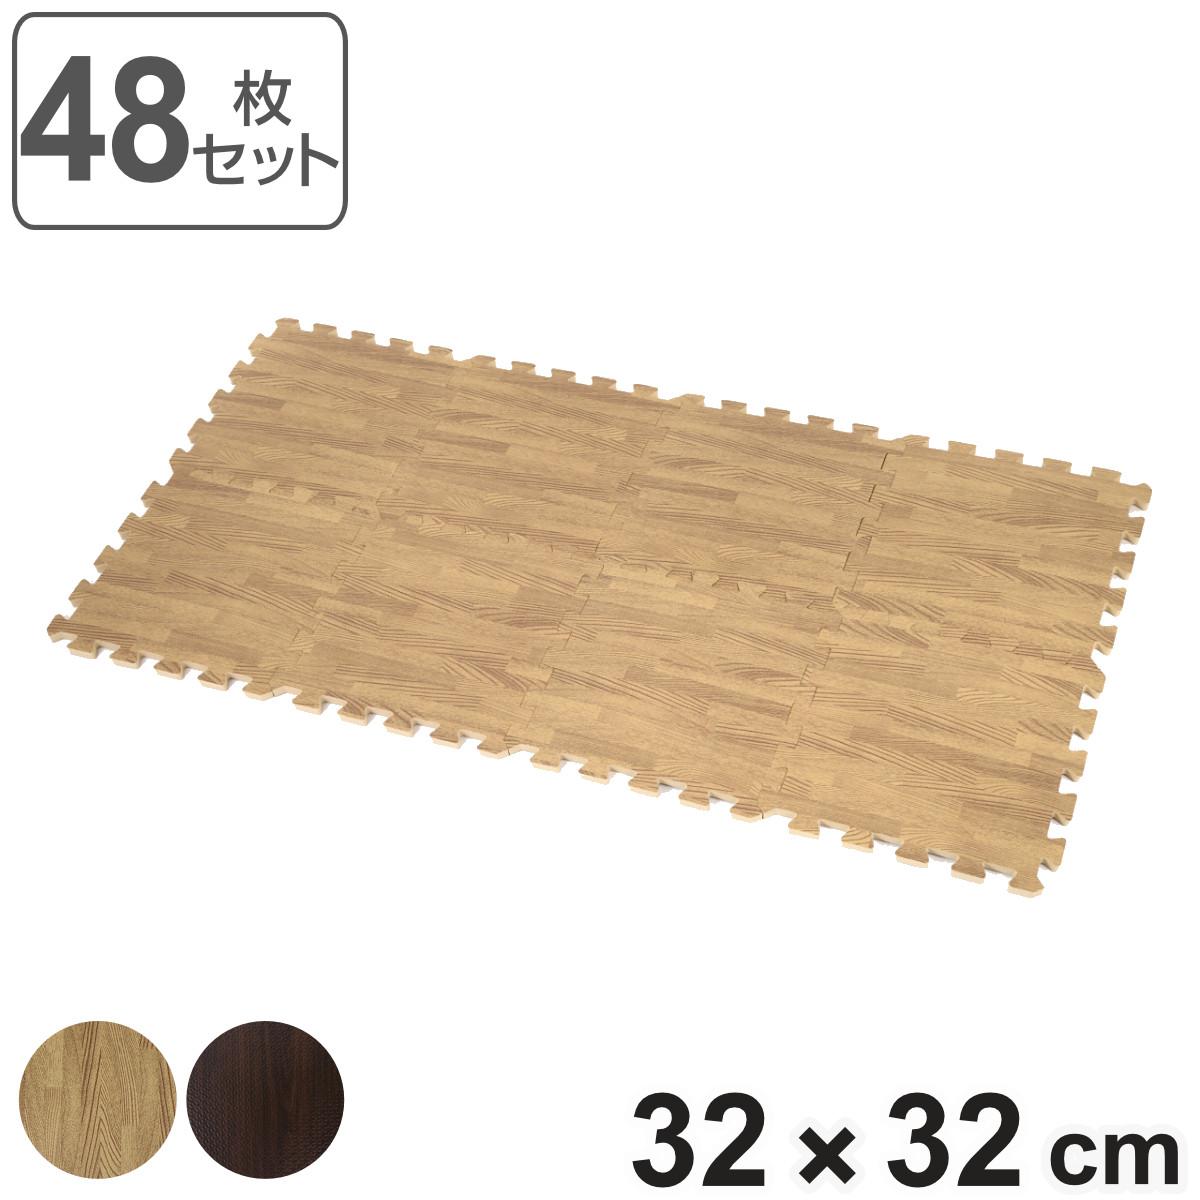 木目調ジョイントマット 48枚セット 厚さ1.4cm 2.5畳分 ( 送料無料 ジョイントマット 木目 マット ジョイント パズルマット 30cm 厚手 北欧 フロアマット フローリング クッションマット )